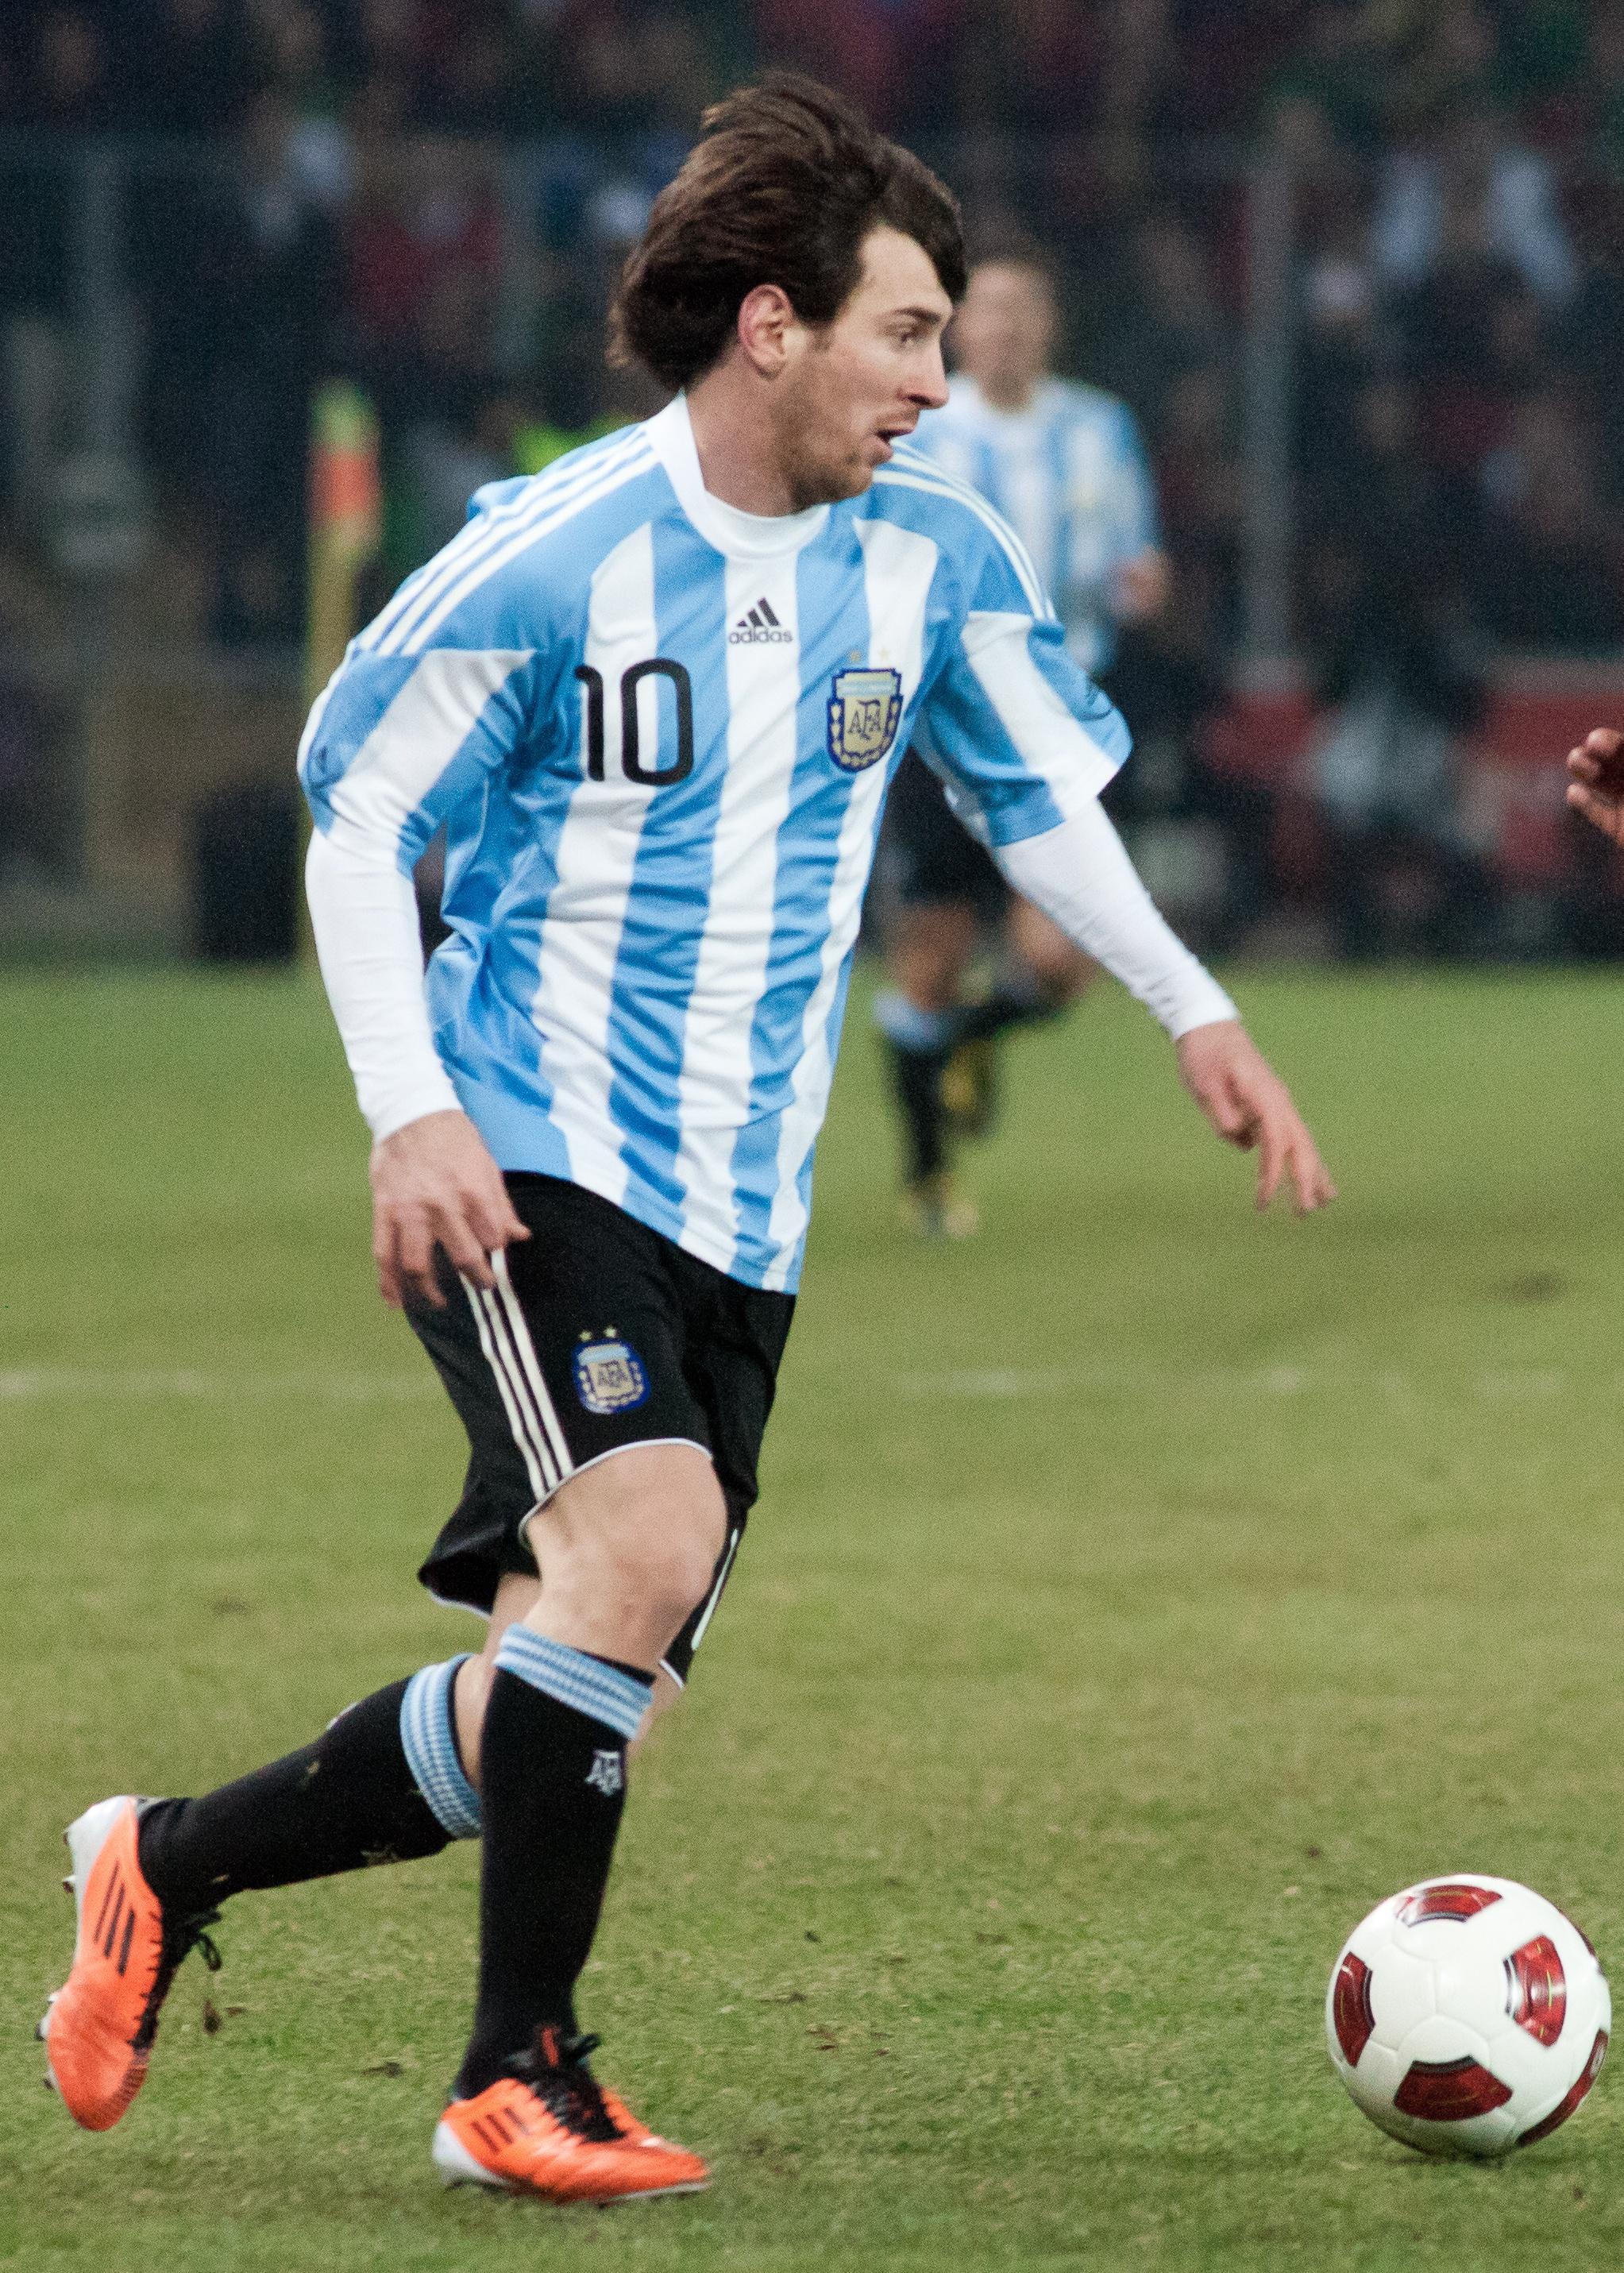 ファイル:Lionel Messi – Portugal vs. Argentina, 9th February 2011.jpg -  Wikipedia